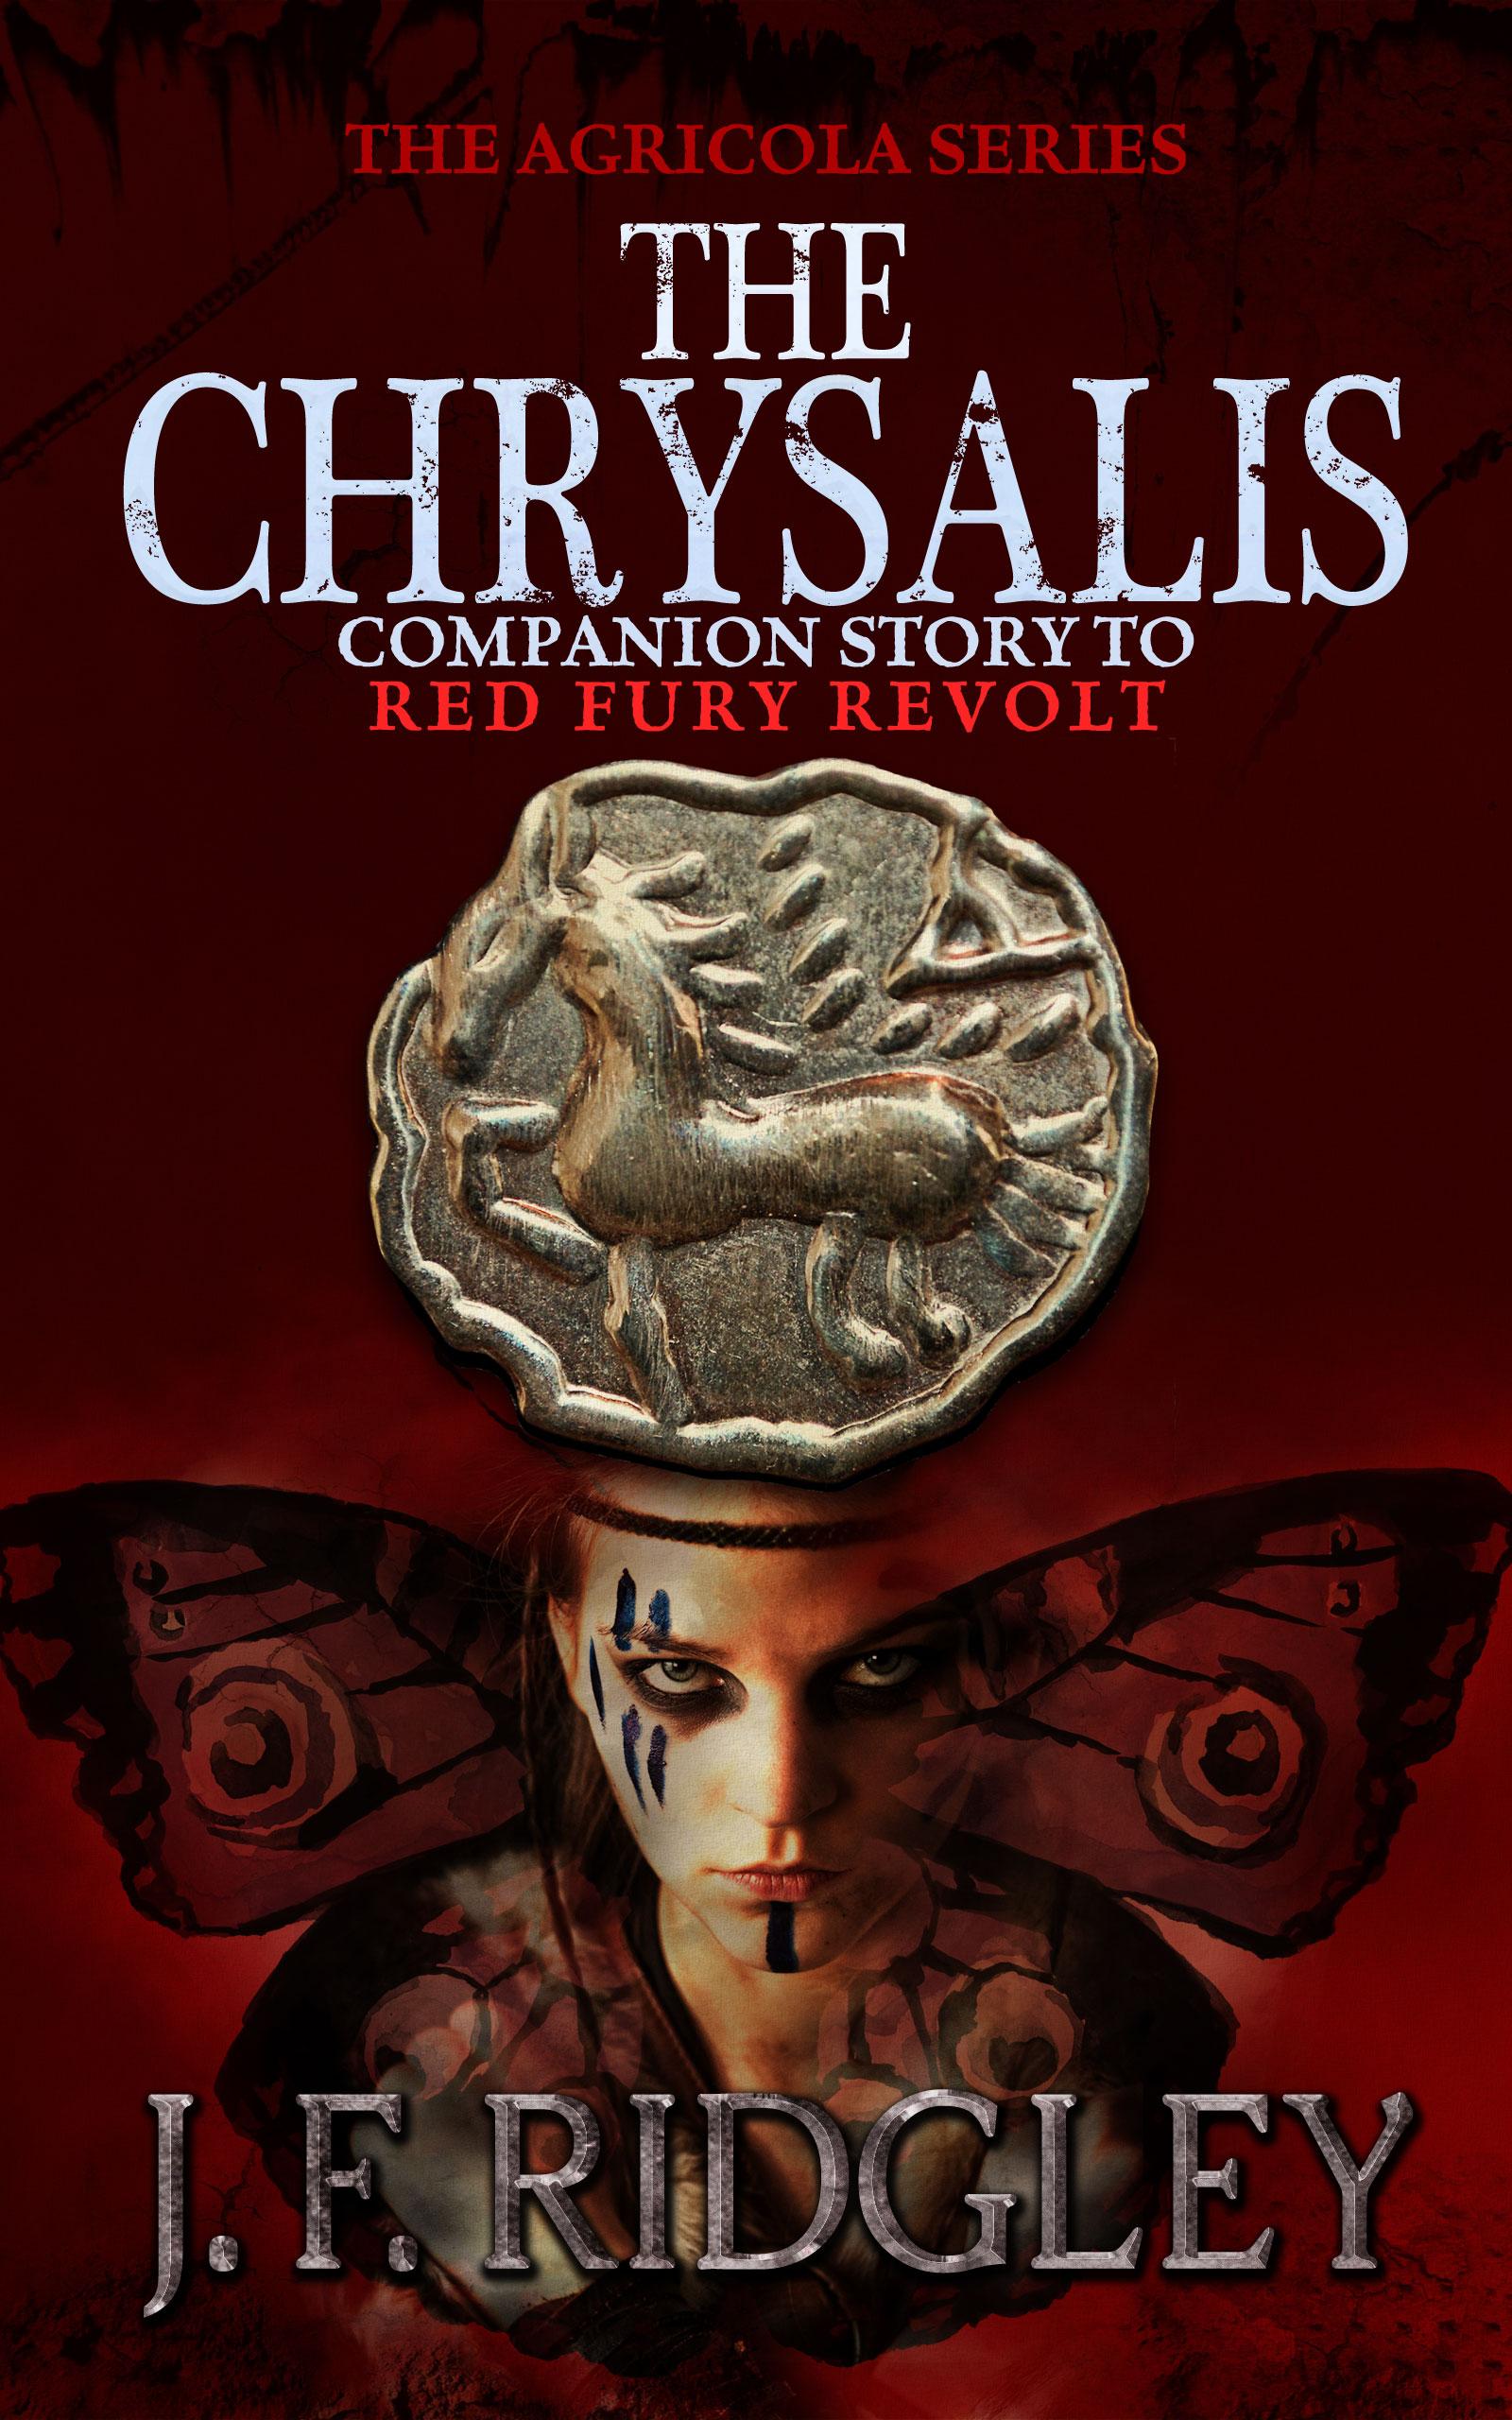 The Chrysalis by JF Ridgley